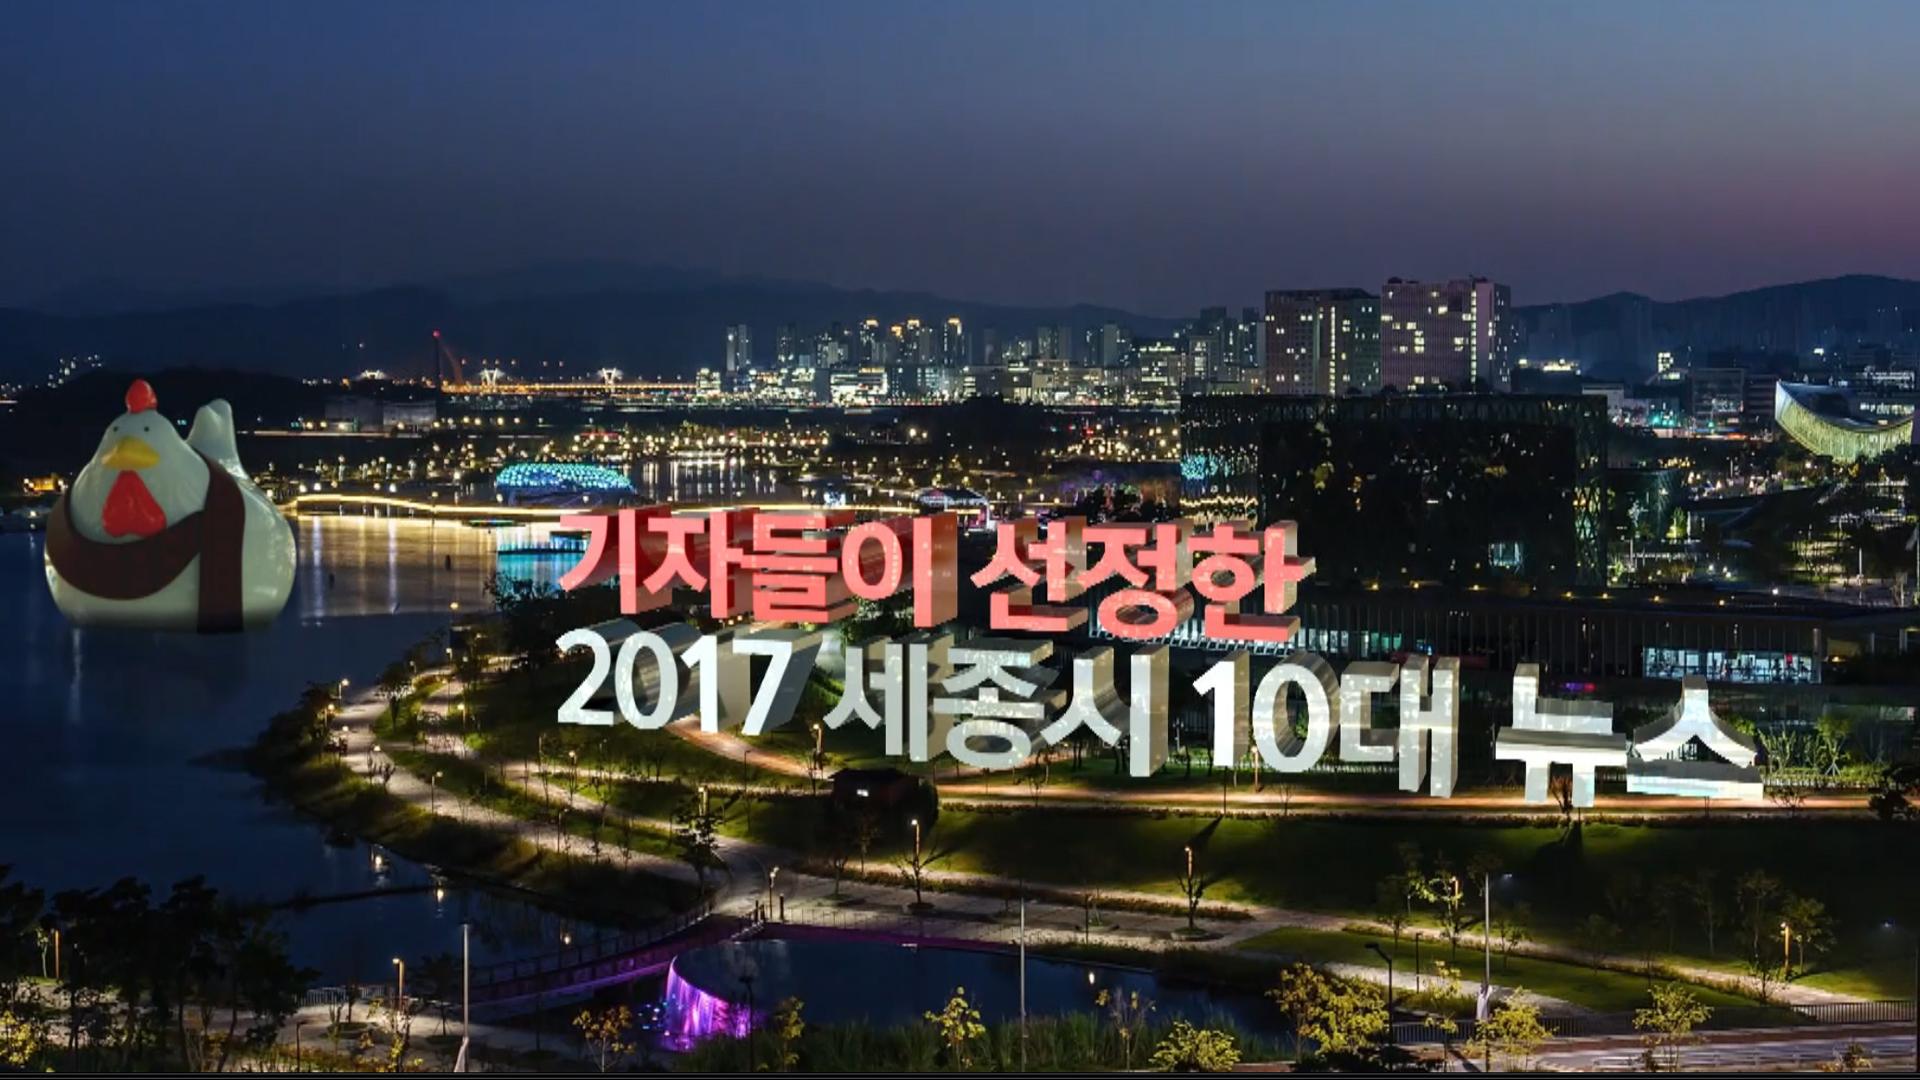 2017년 세종시 10대 뉴스 및 성과 영상